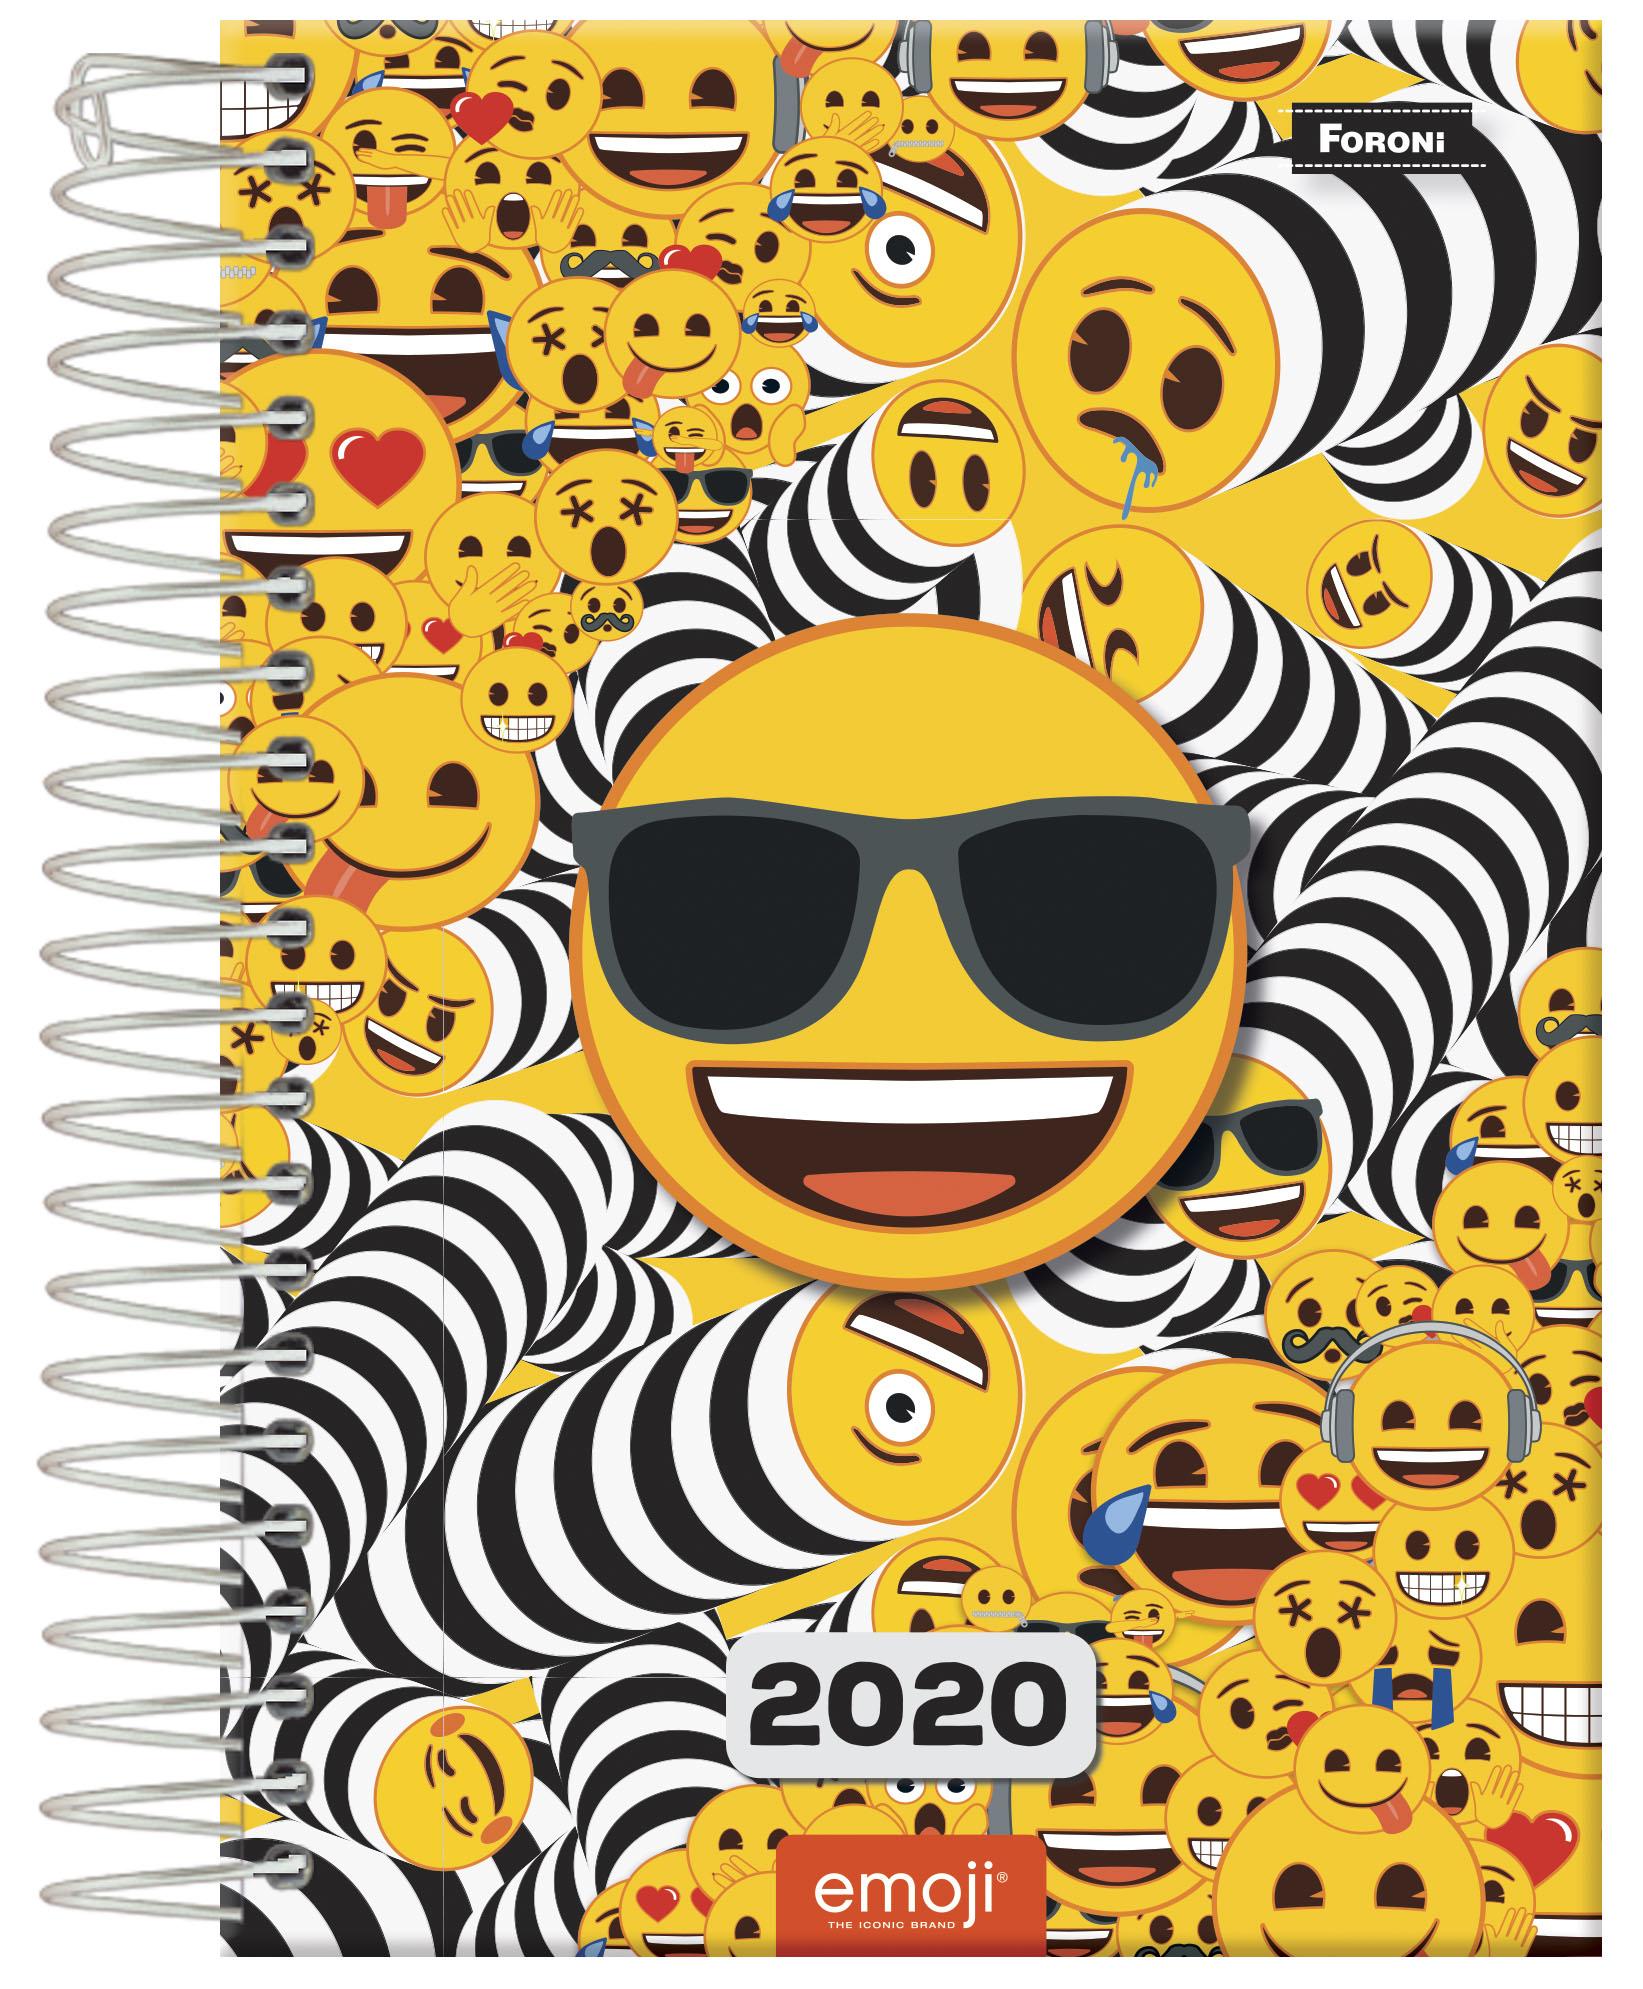 Planejamento Anual | Foroni Lança Planners e Agendas Para 2020 Emoji